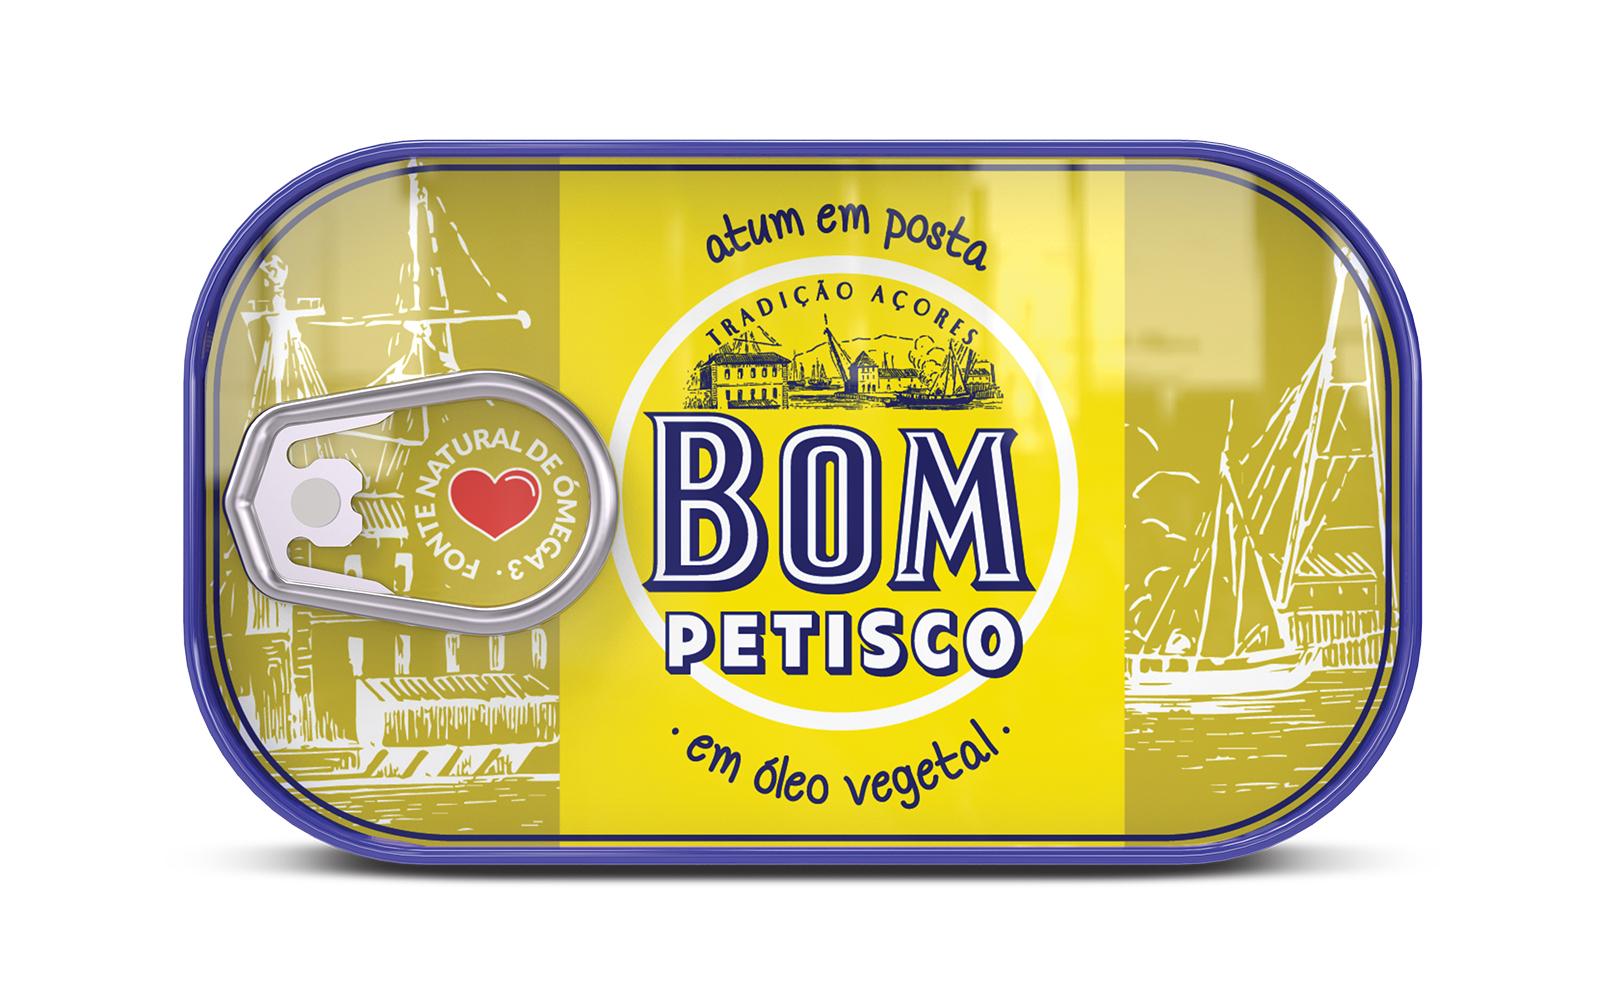 Photo du packaging Bom Petisco - Thon en huile végétale